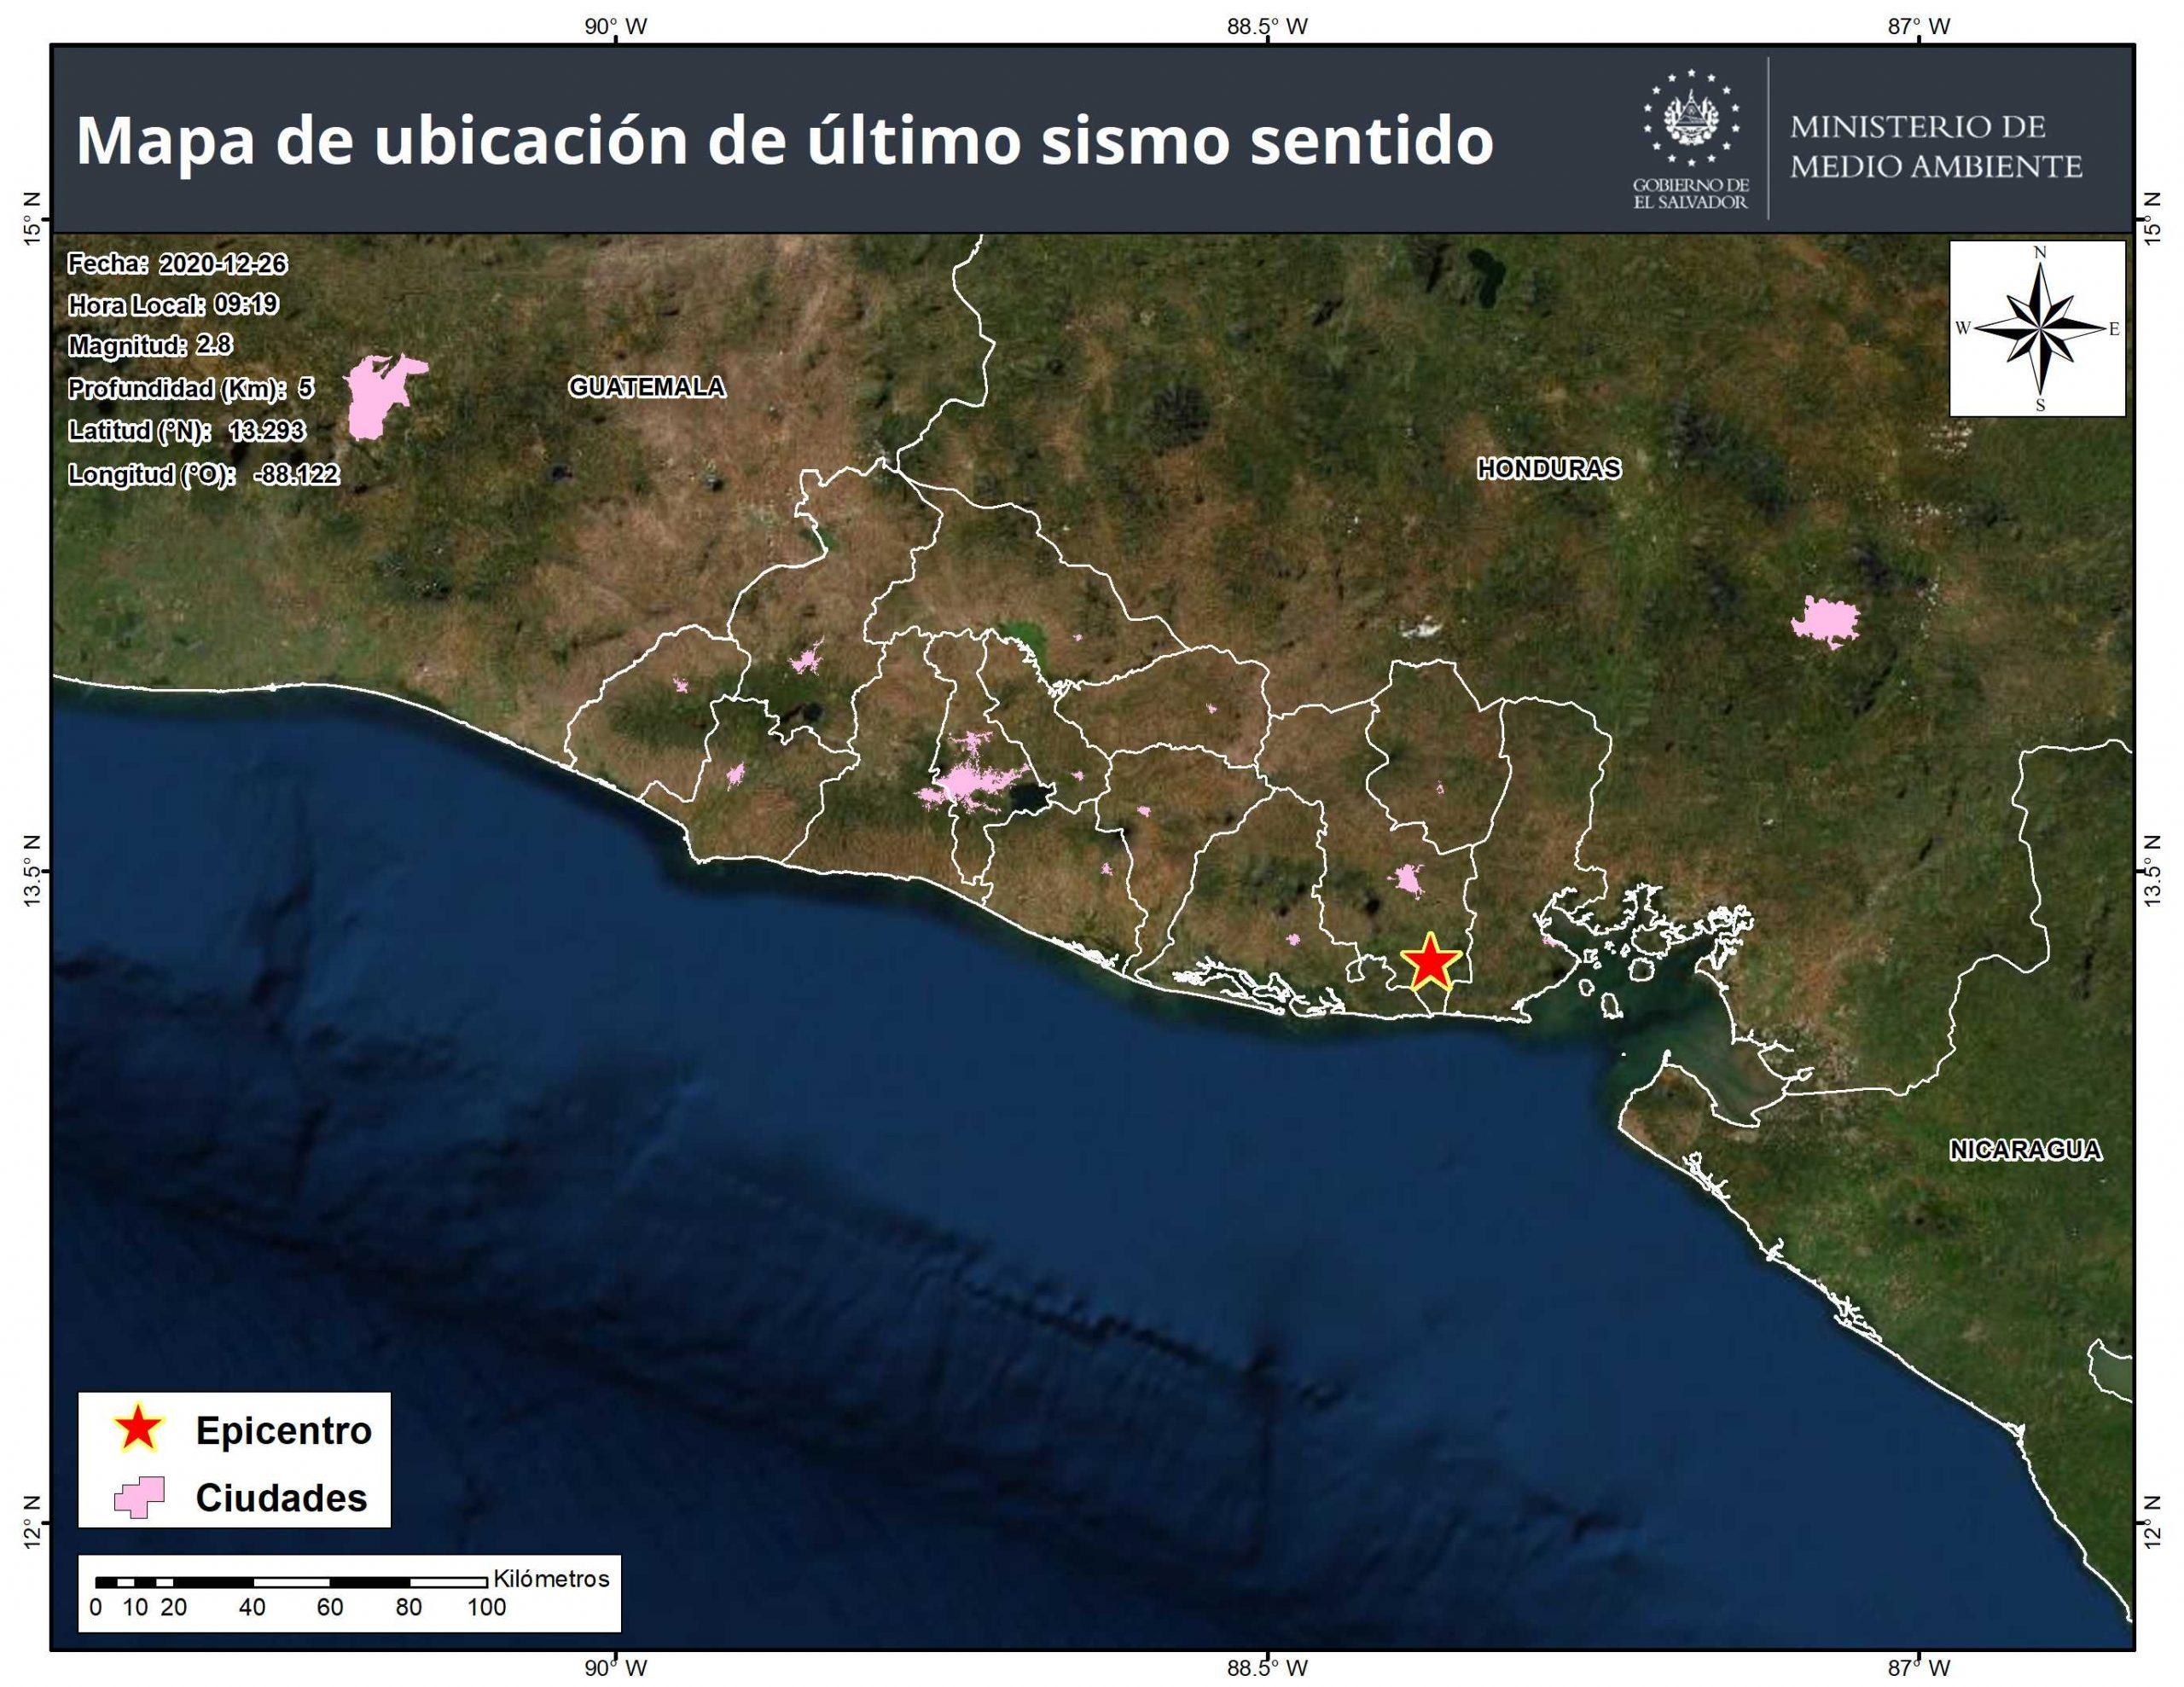 Aumentan a 70 los sismos registrados entre 2 ciudades en este de El Salvador